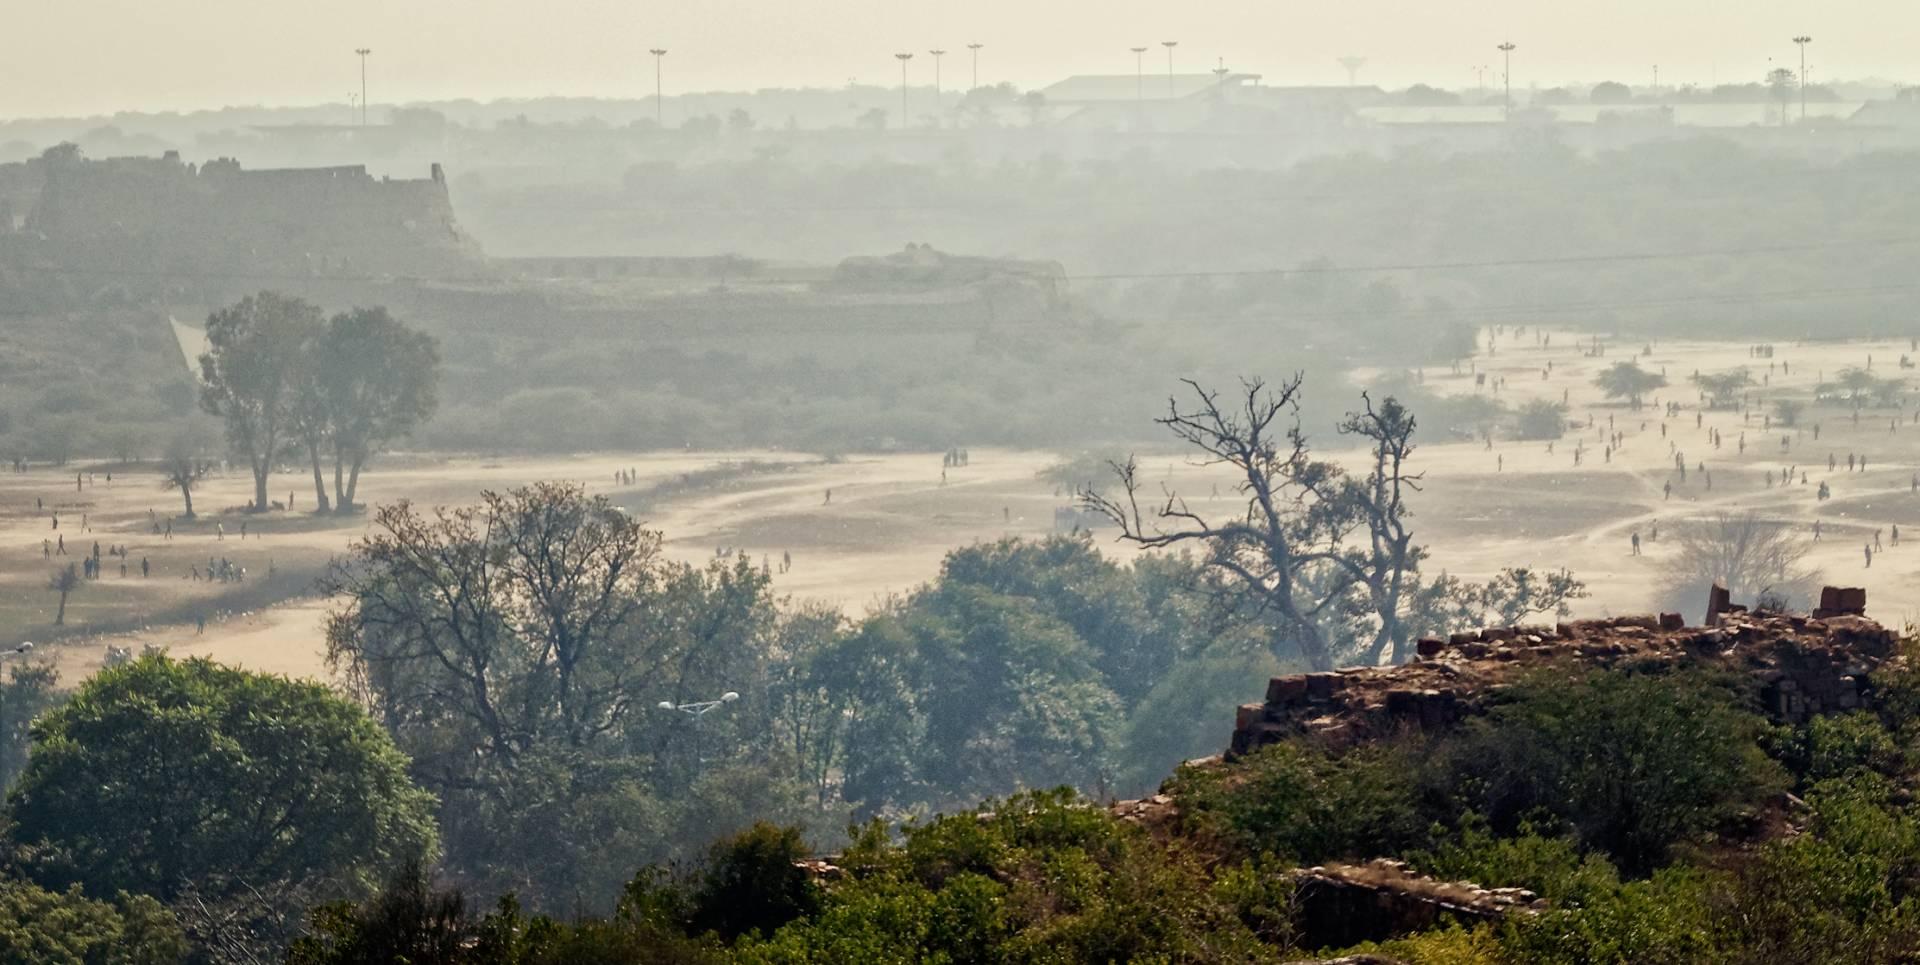 Adilabad Fort through the haze, Tughlakabad.